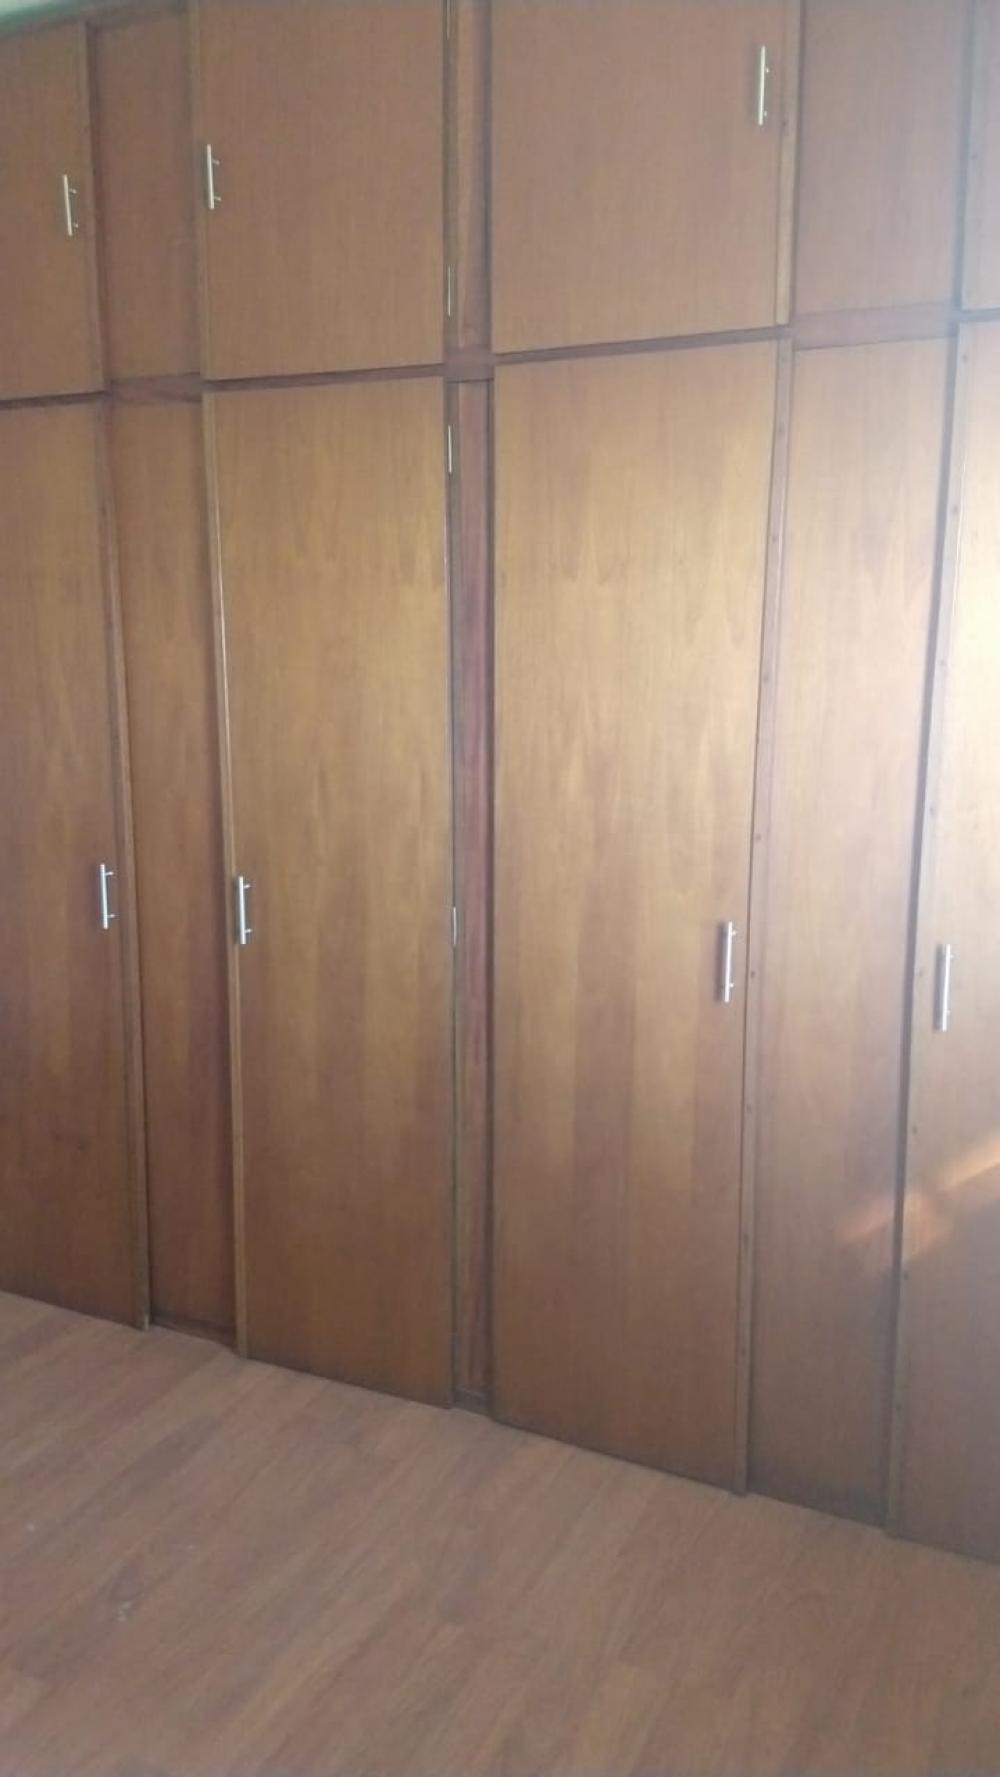 Comprar Apartamento / Padrão em Ribeirão Preto R$ 160.000,00 - Foto 10